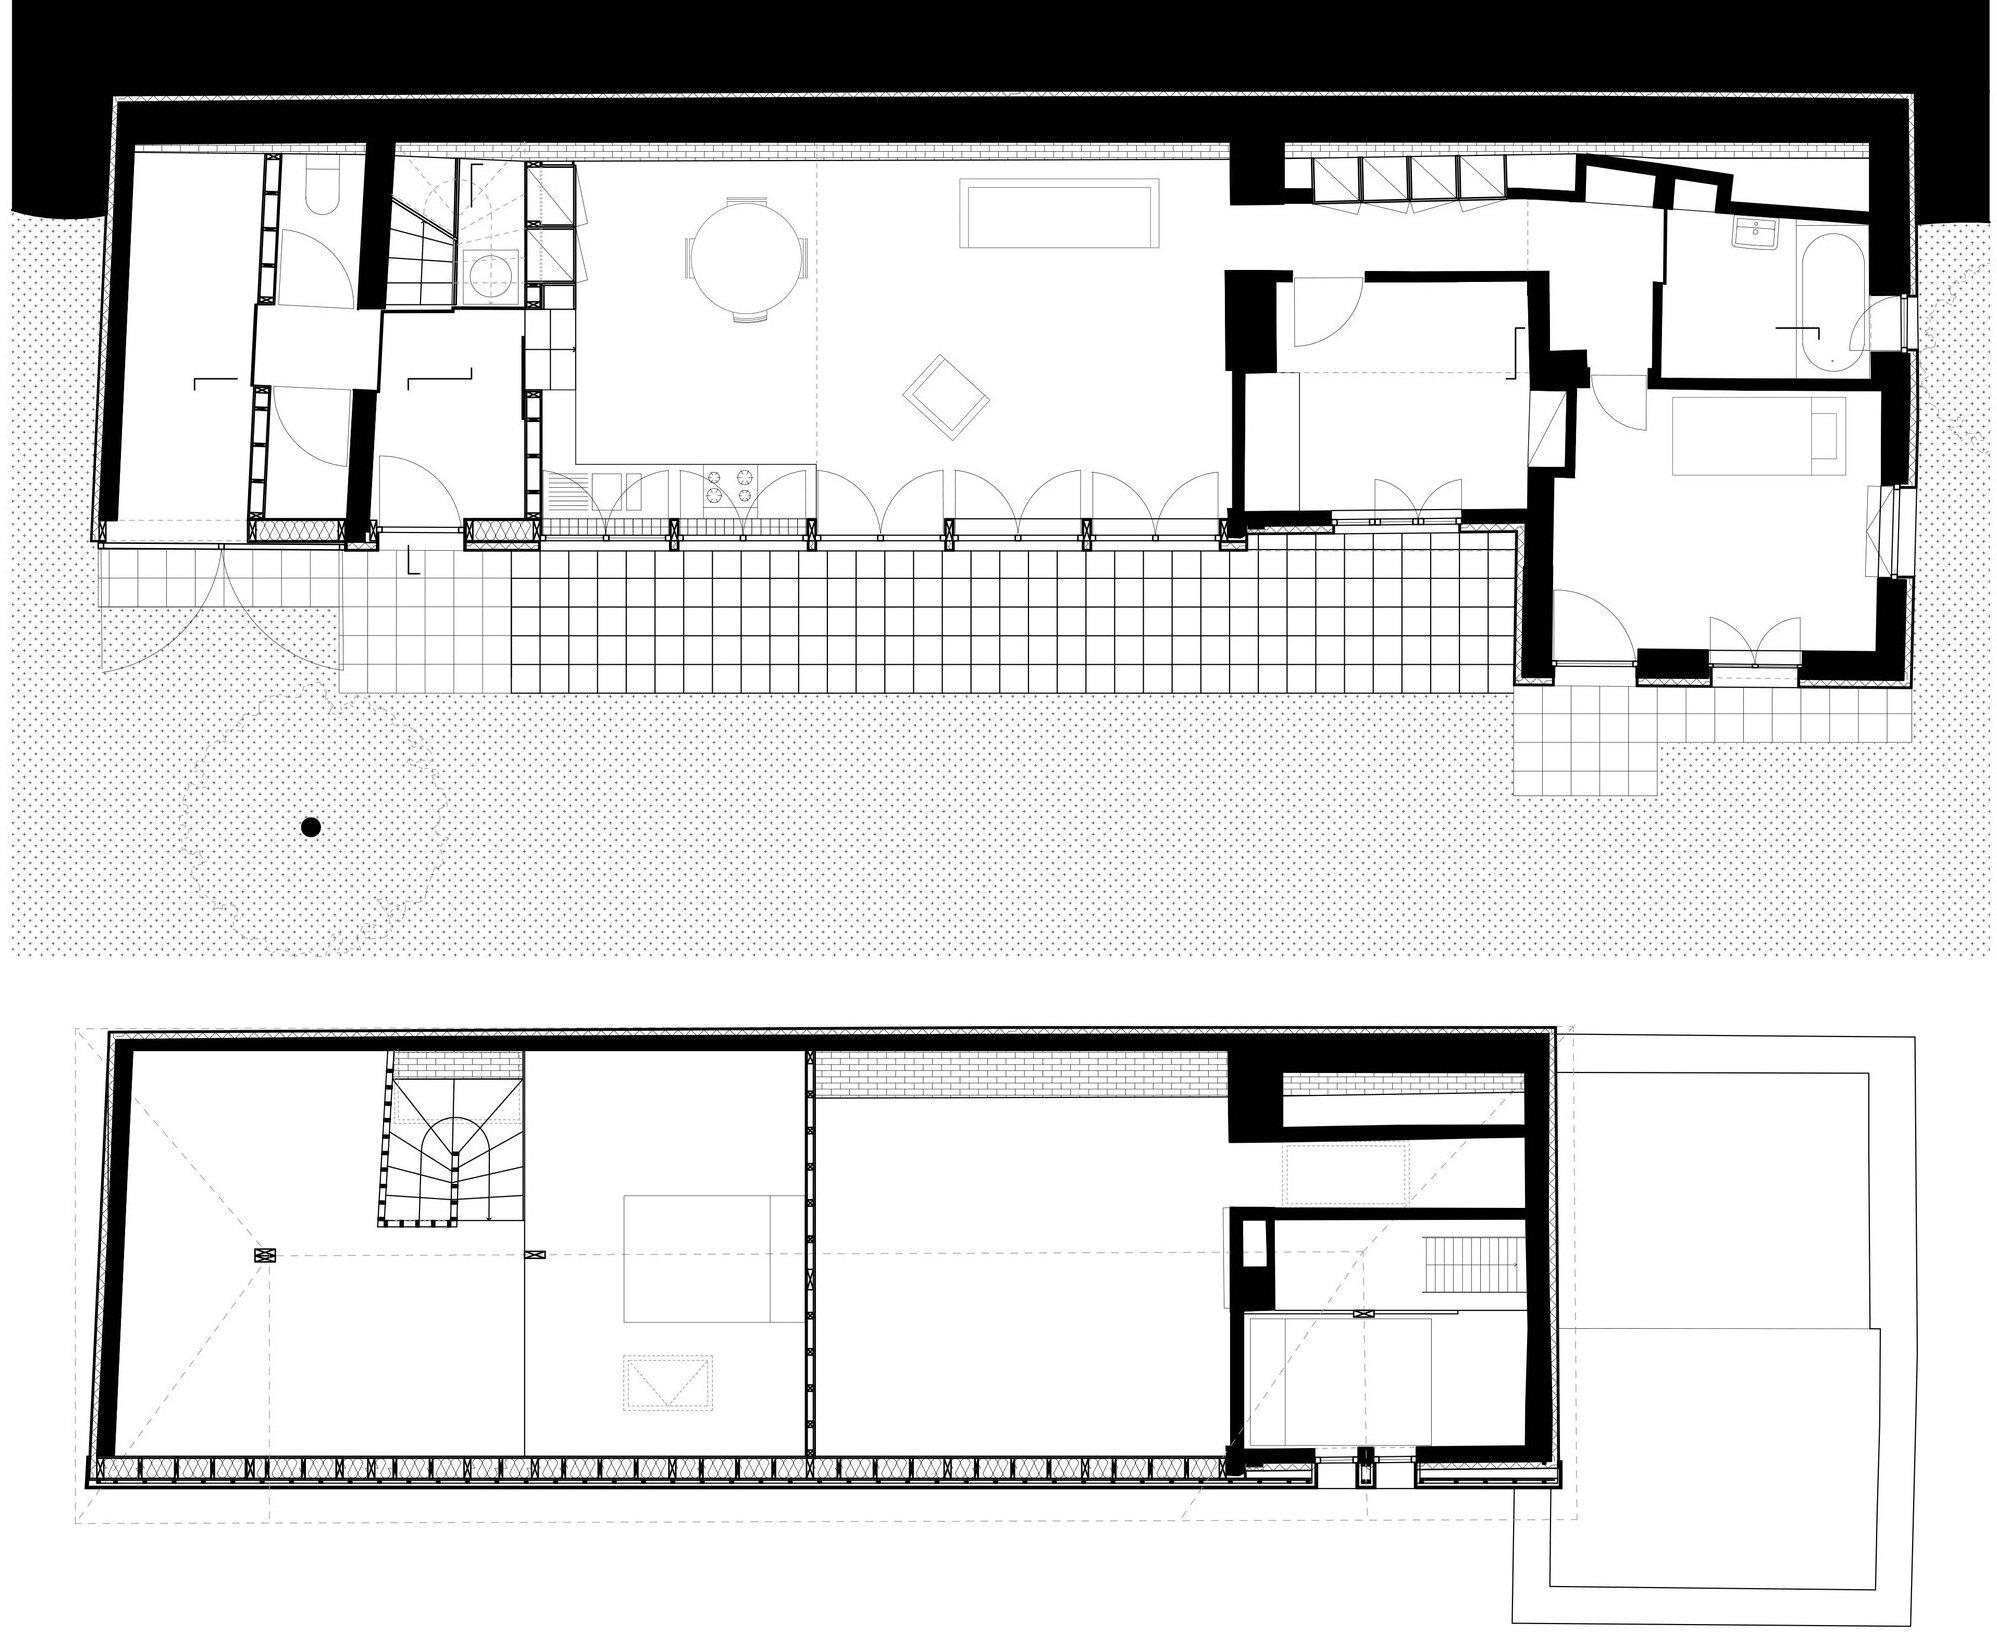 Workshop - Aurelie Hachez Architecte - Belgium - Floor Plans - Humble Homes